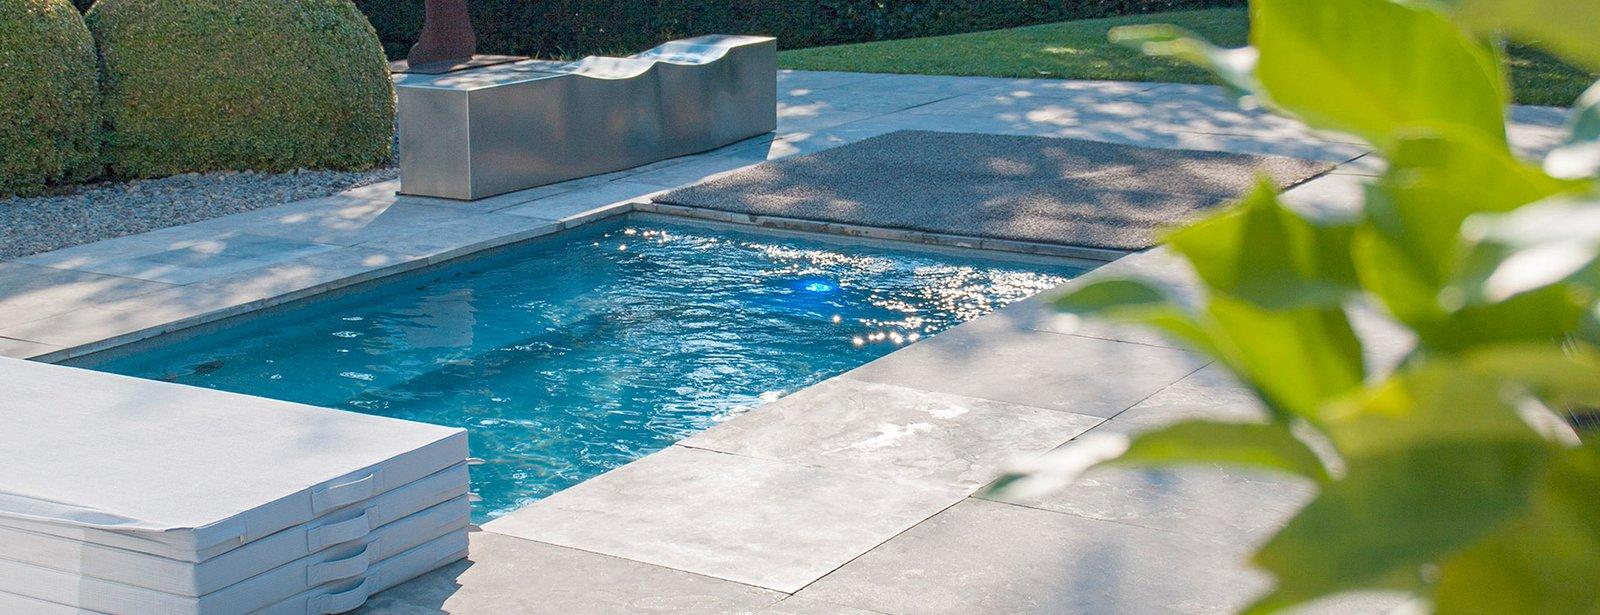 aanleg zwembad riviera pool epoxy zwembad monoblock zwembad zwembadpakket voor doe het zelf. Black Bedroom Furniture Sets. Home Design Ideas